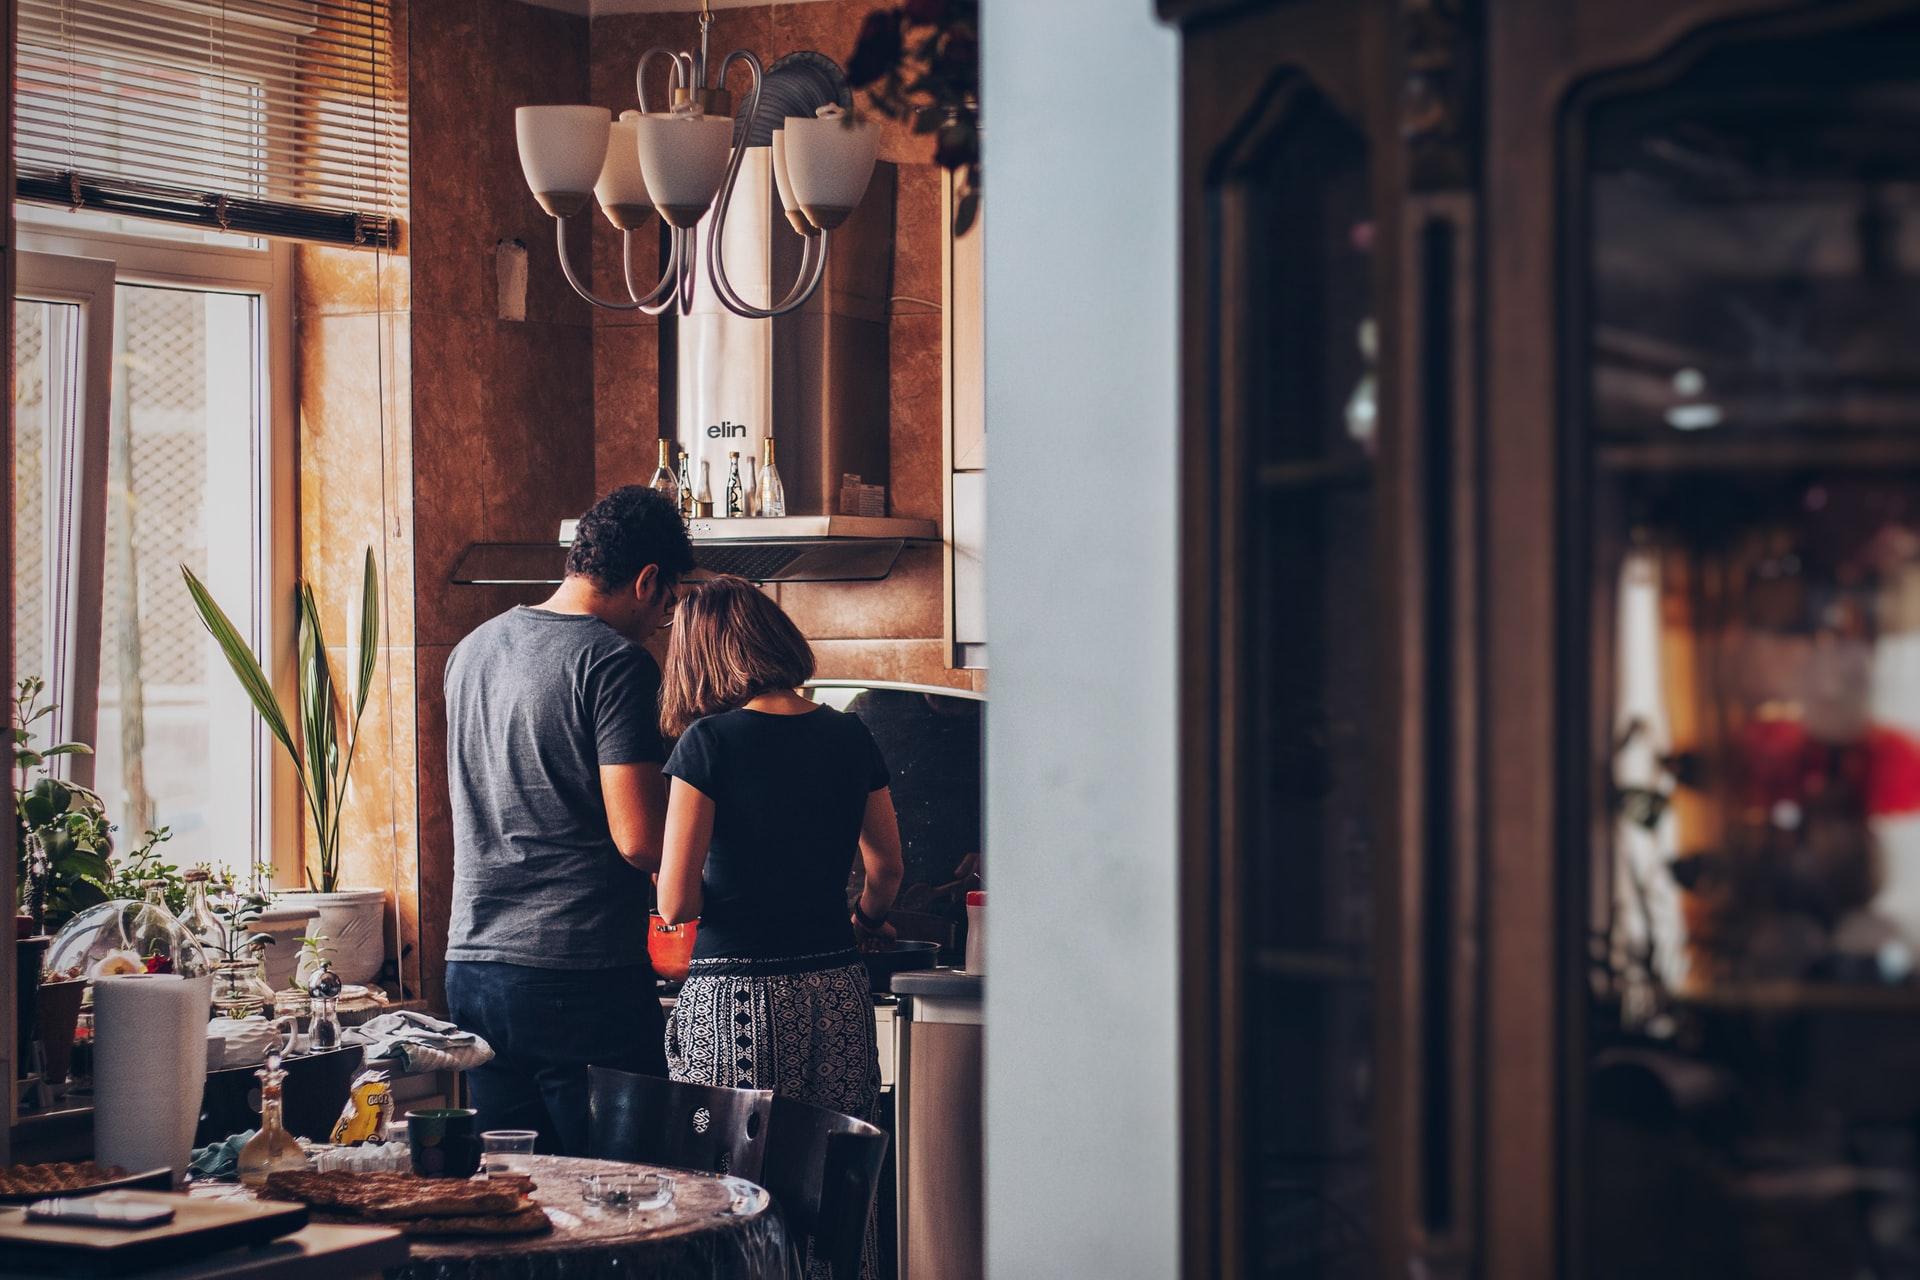 Dtravel, una plataforma de alquiler de casas respaldada por la agencia de viajes blockchain Travala que buscará ser la alternativa descentralizada de Airbnb